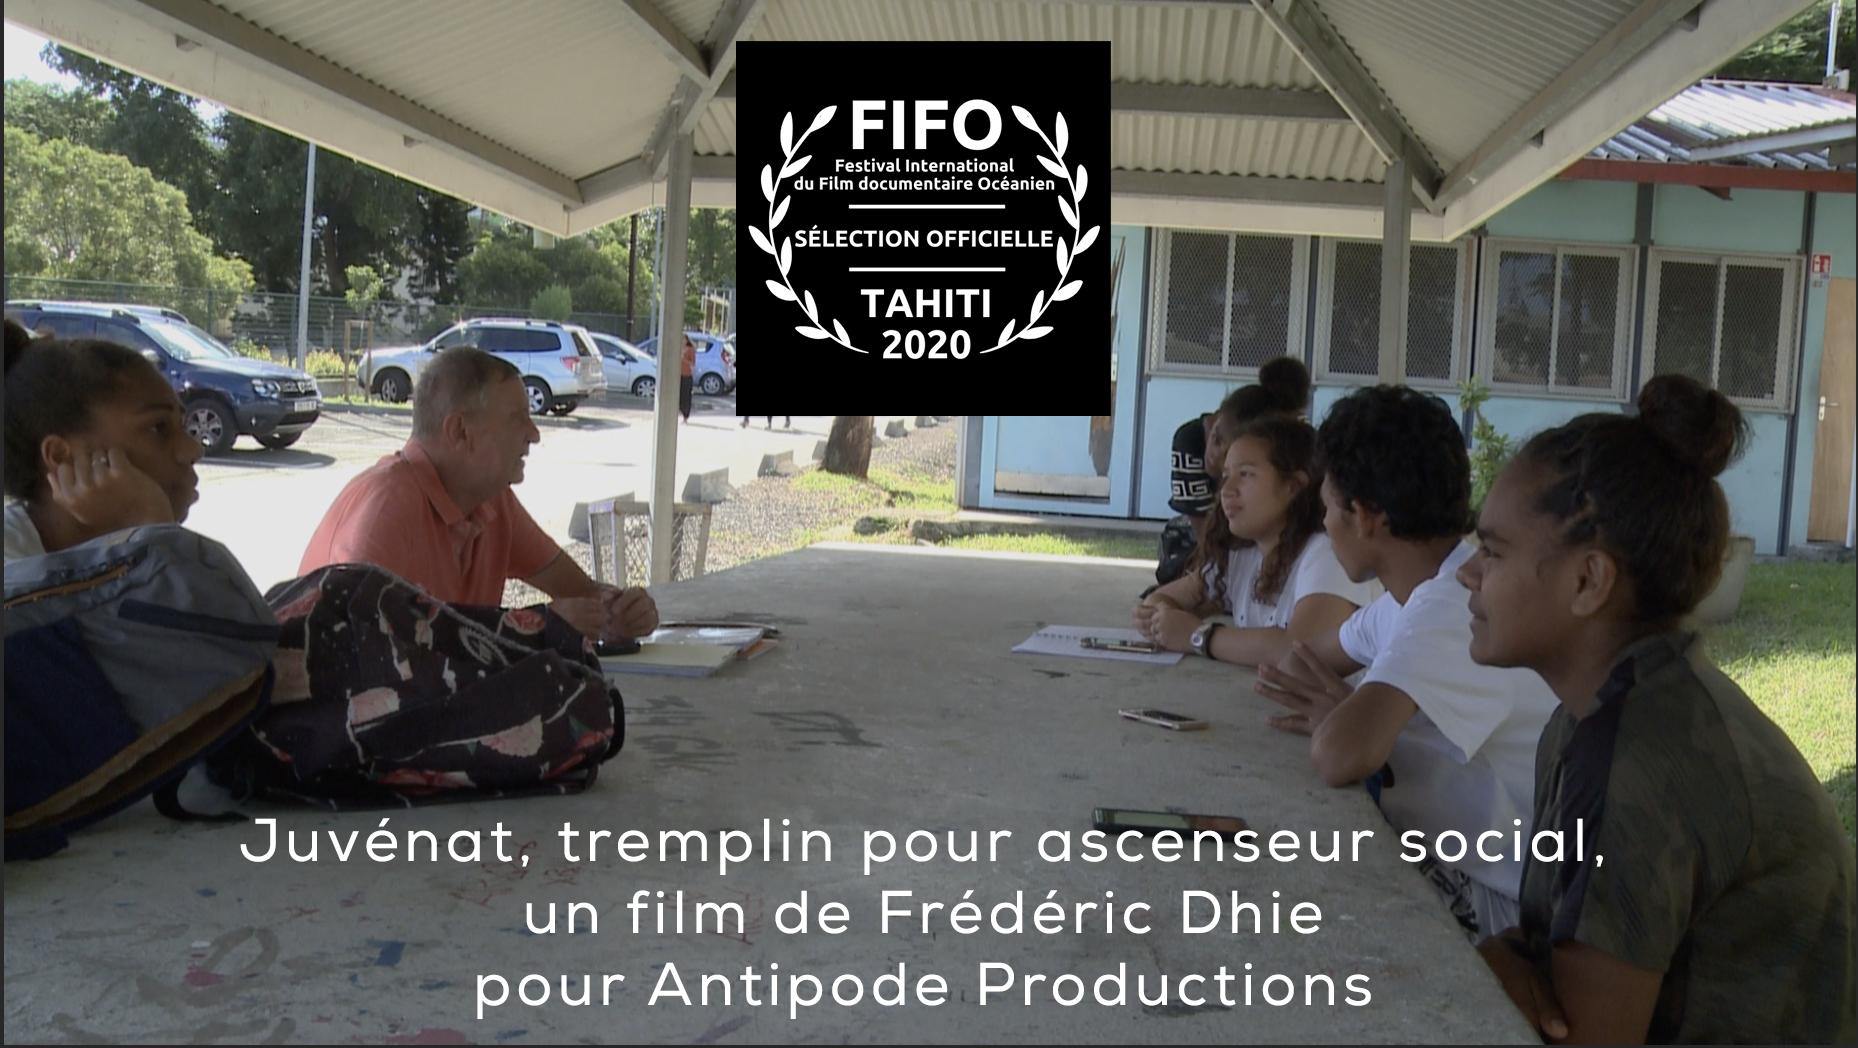 Le Juvénat en sélection officielle au FIFO 2020